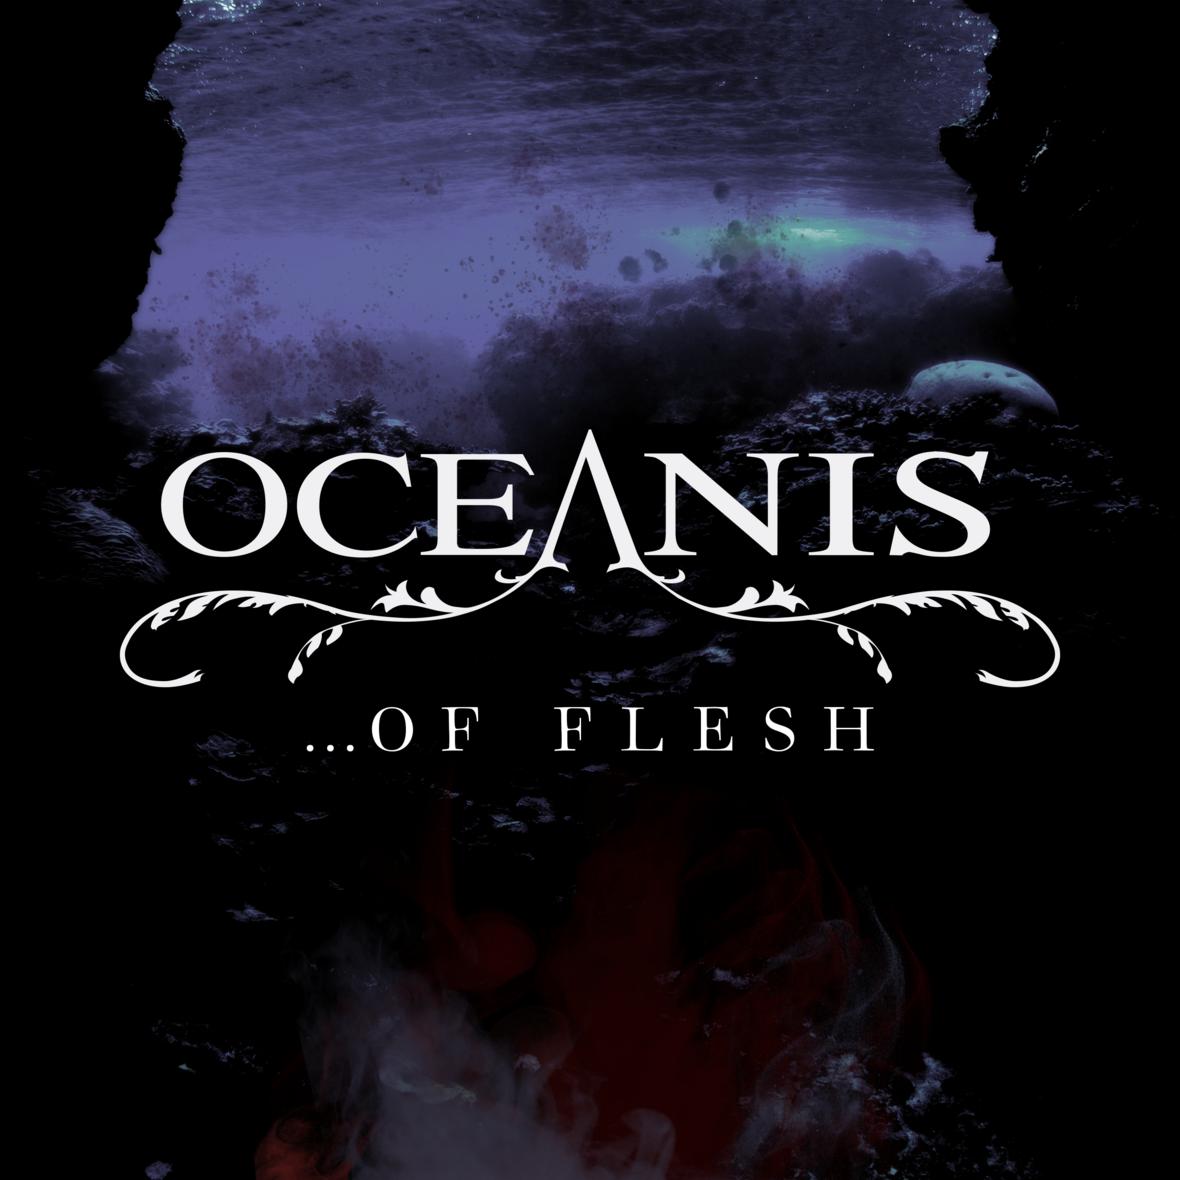 Oceanis-Of-Flesh-Cover-2500x